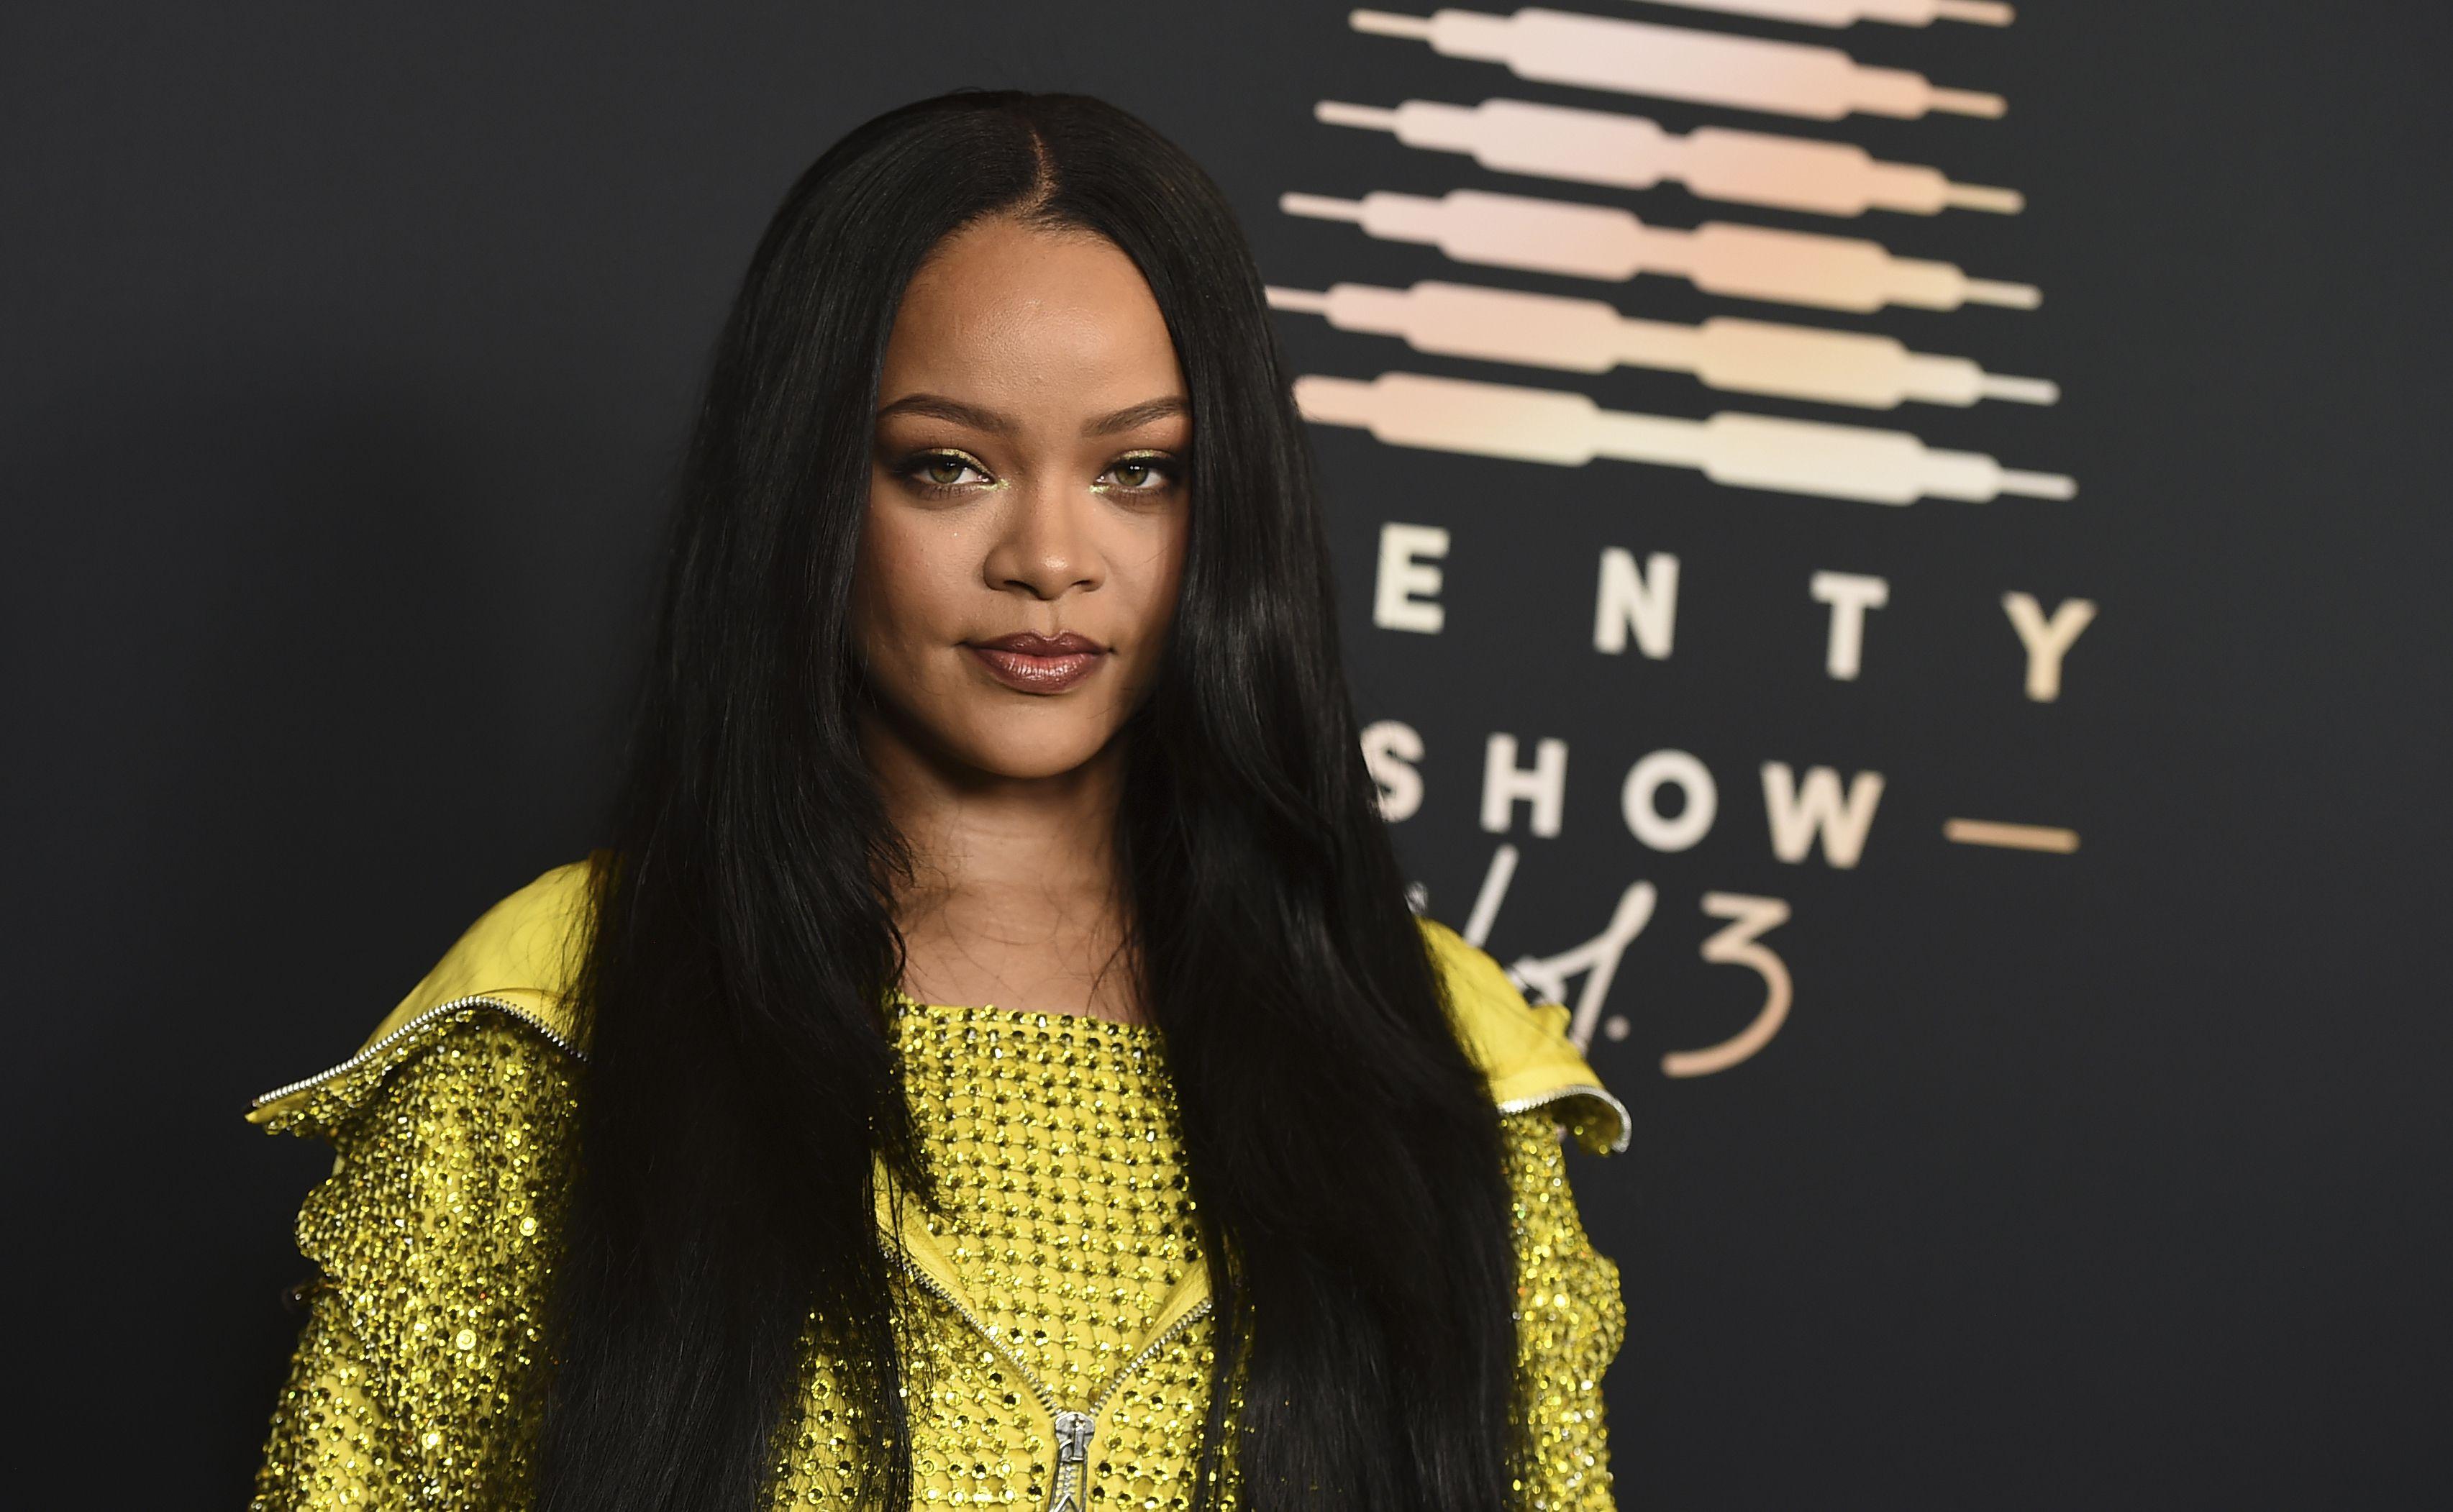 La cantante y empresaria Rihanna asiste a un evento para su línea de lencería Savage X Fenty en el hotel Westin Bonaventure, en Los Angeles, el 28 de agosto de 2021.